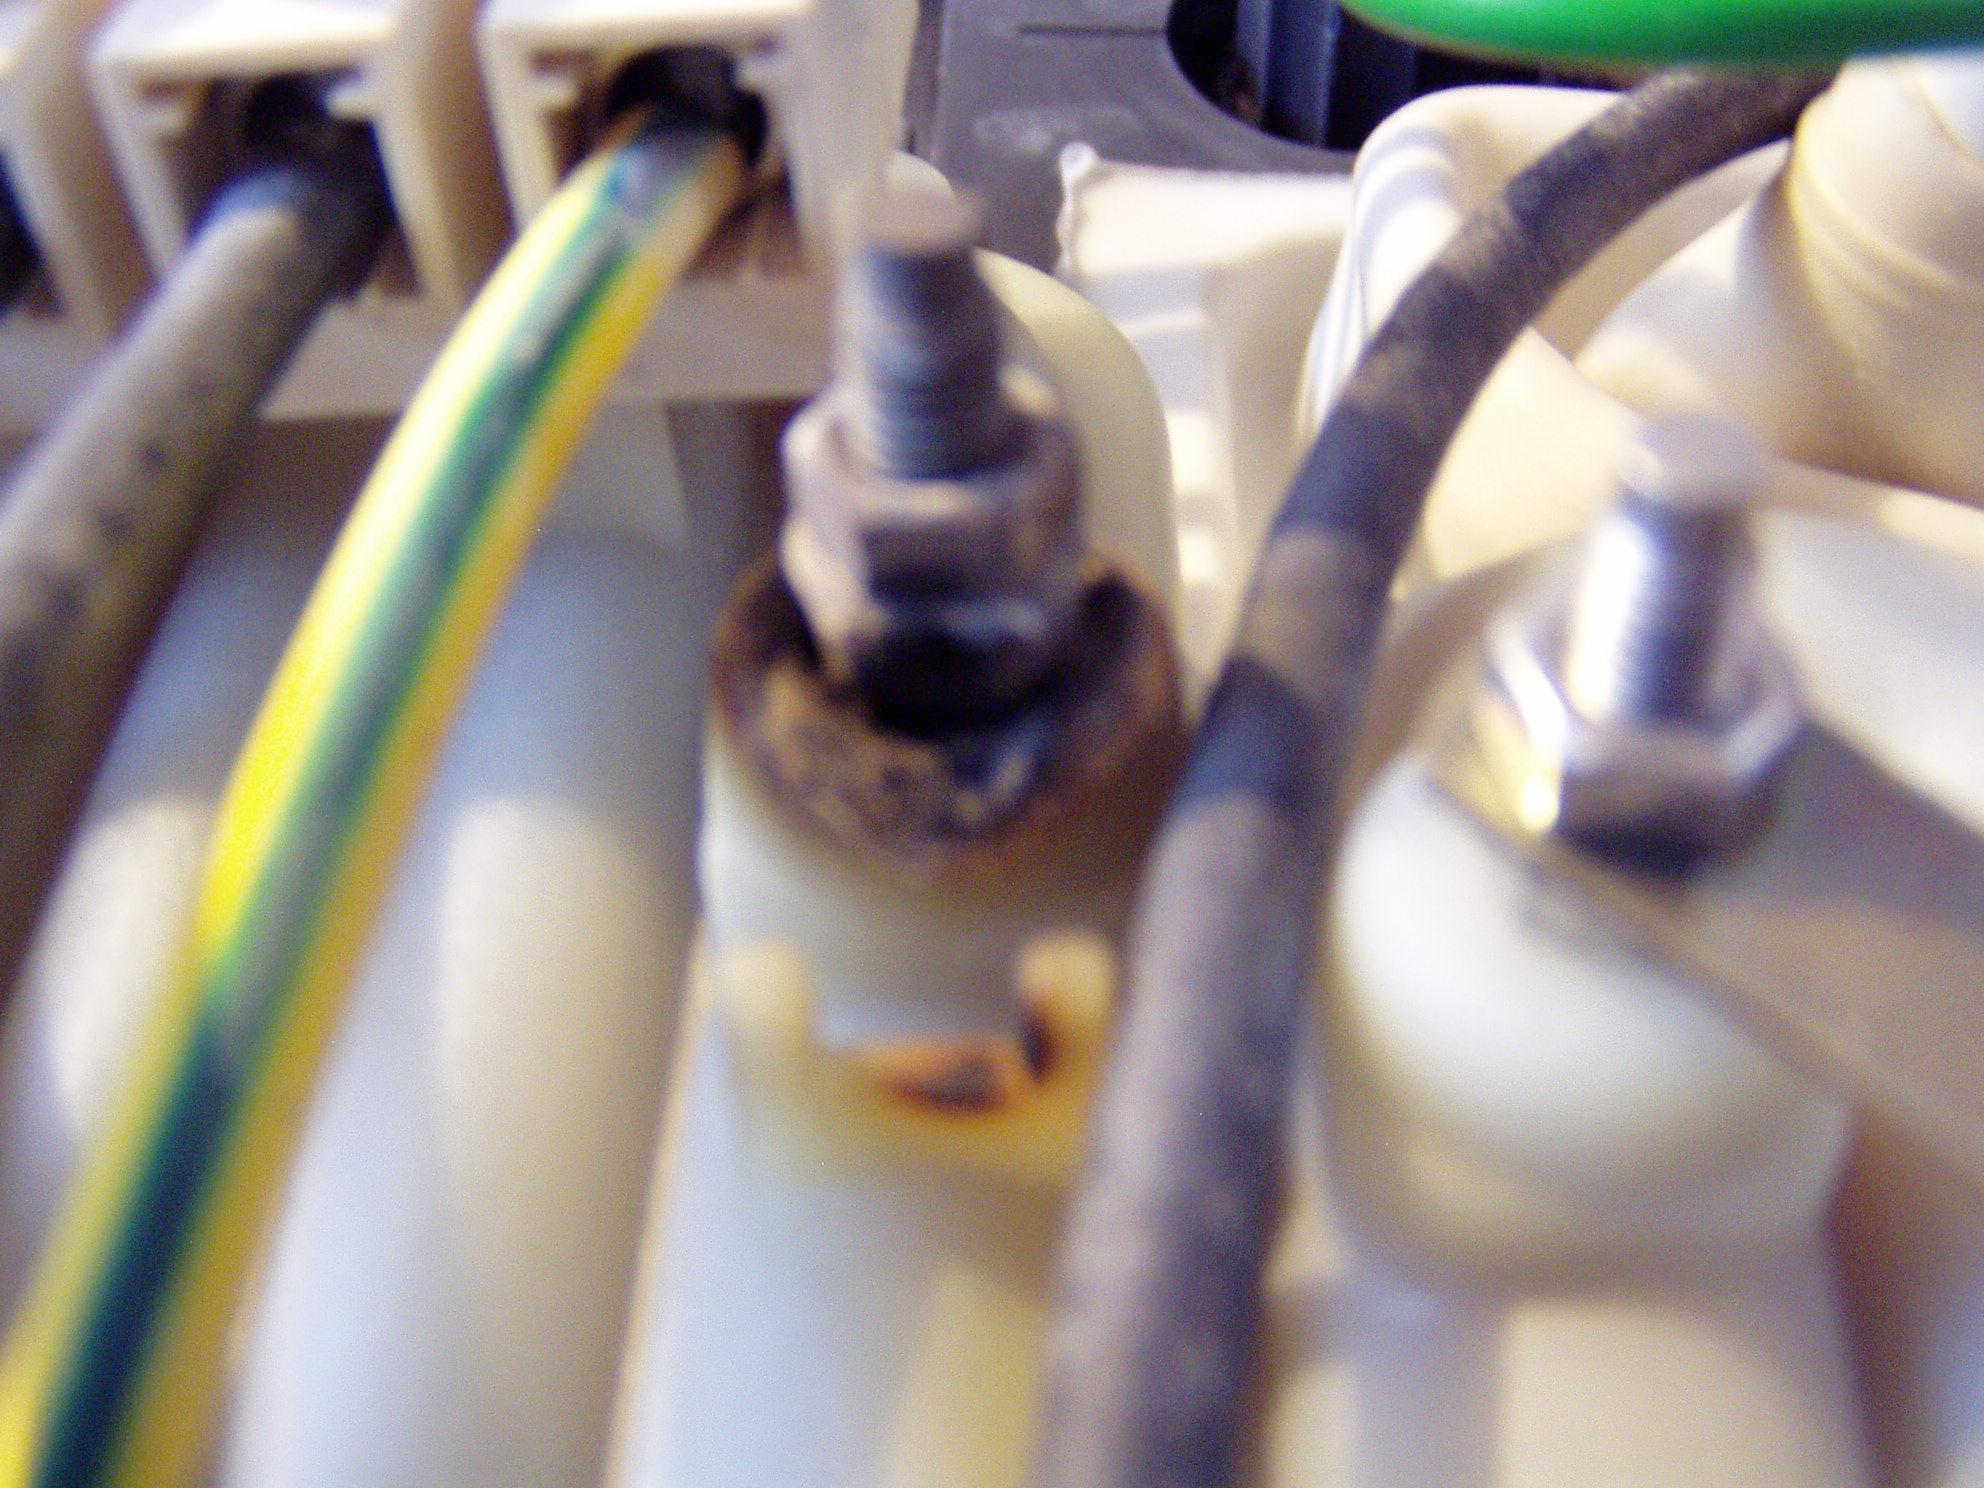 Siemens DH 21400 - Czym izolowa� napalone styki w podgrzewaczu elektrycznym?